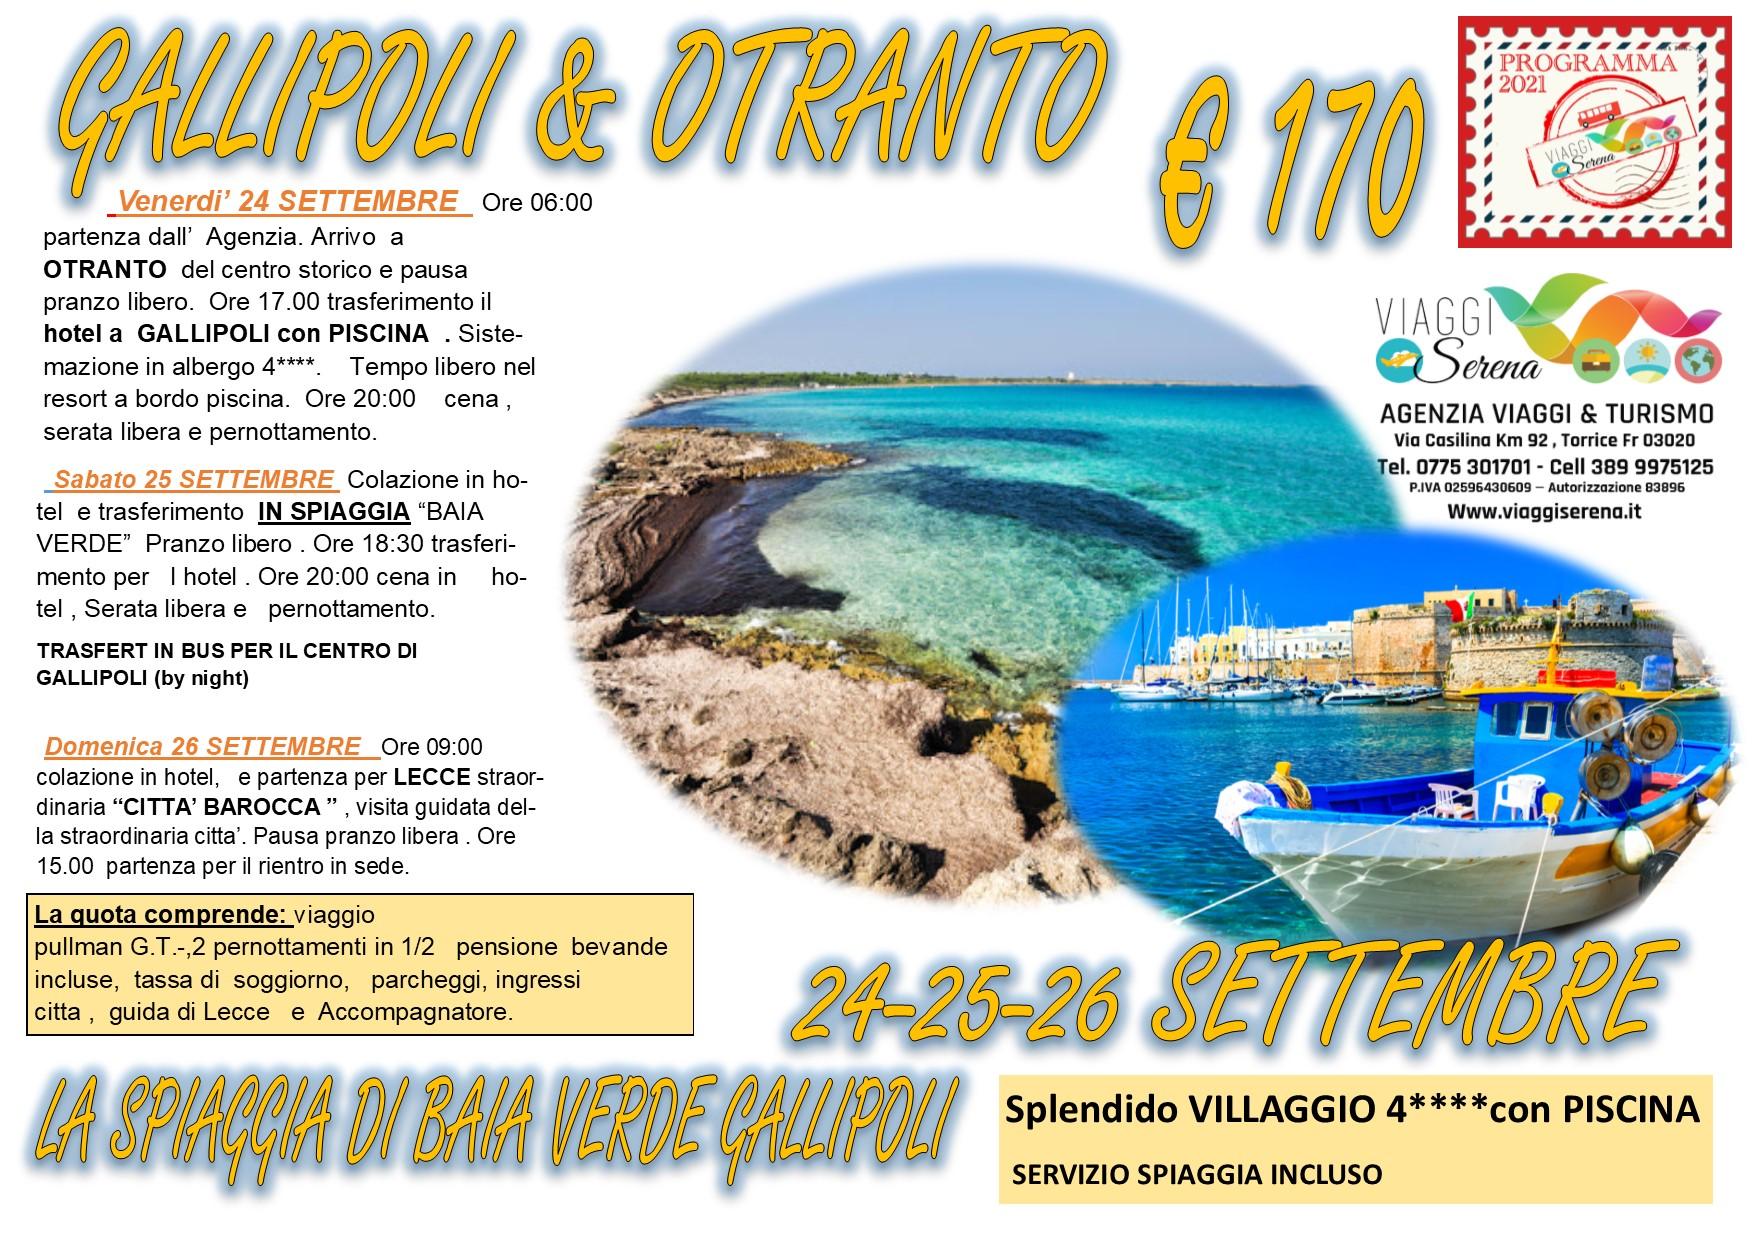 Viaggi di Gruppo: Gallipoli, Baia verde & Otranto 24-25-26 Settembre € 170,00